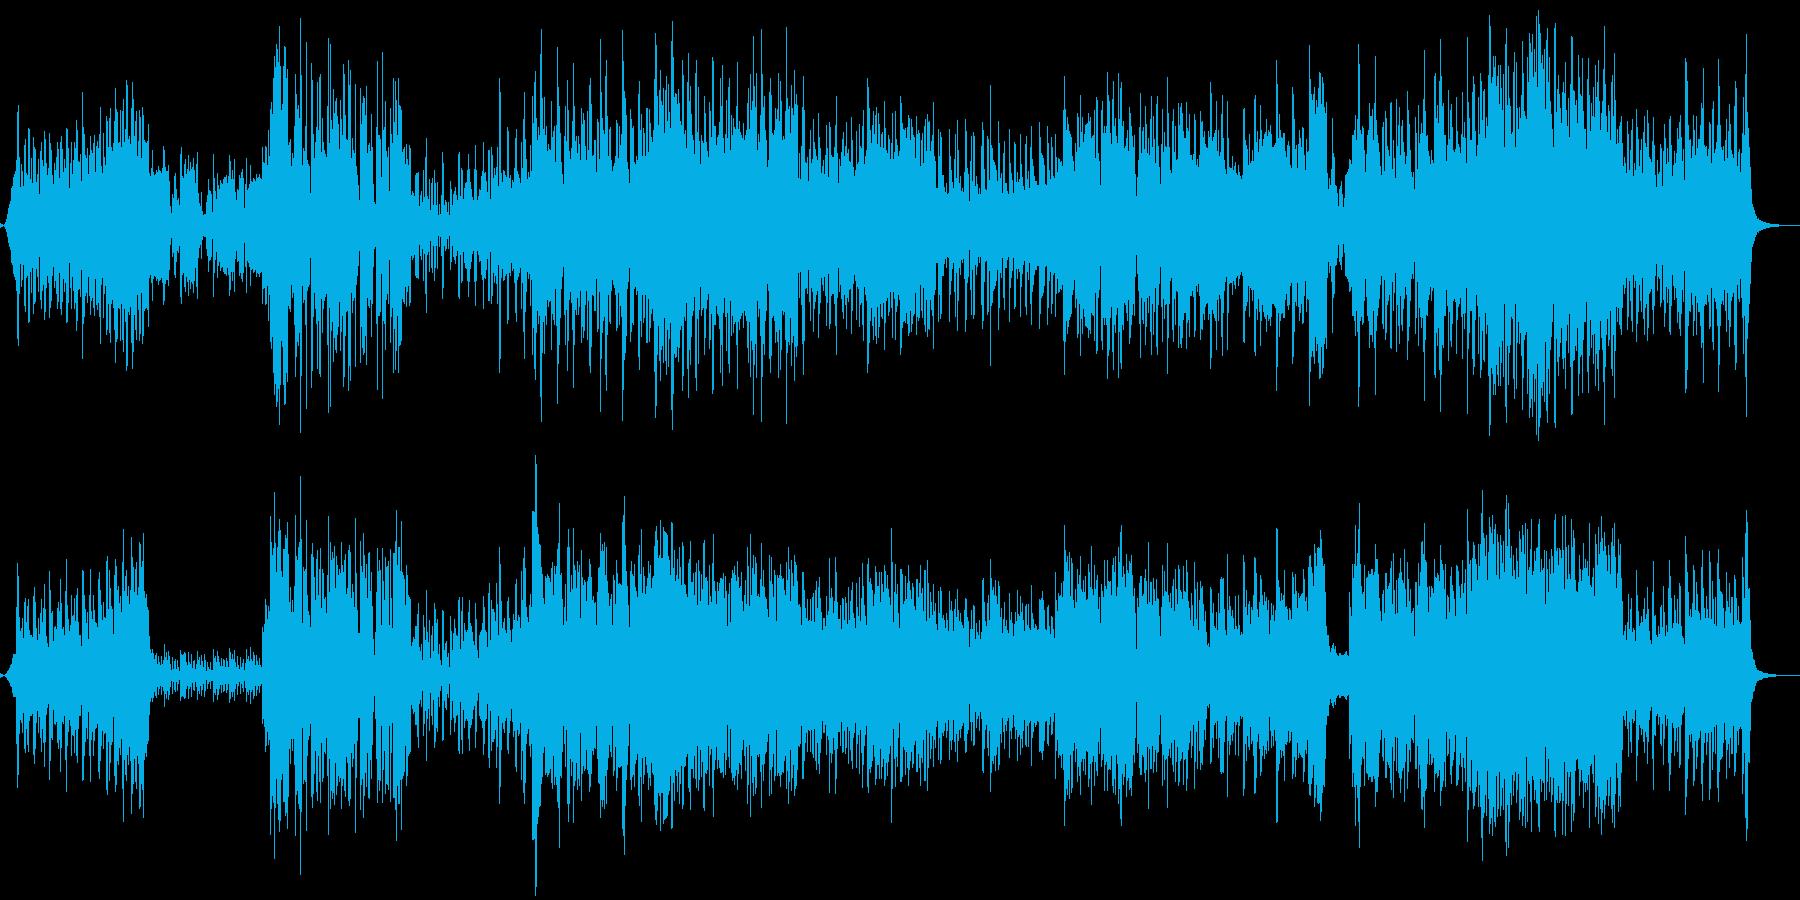 アコーディオンと弦楽器を使ったノイズ系曲の再生済みの波形